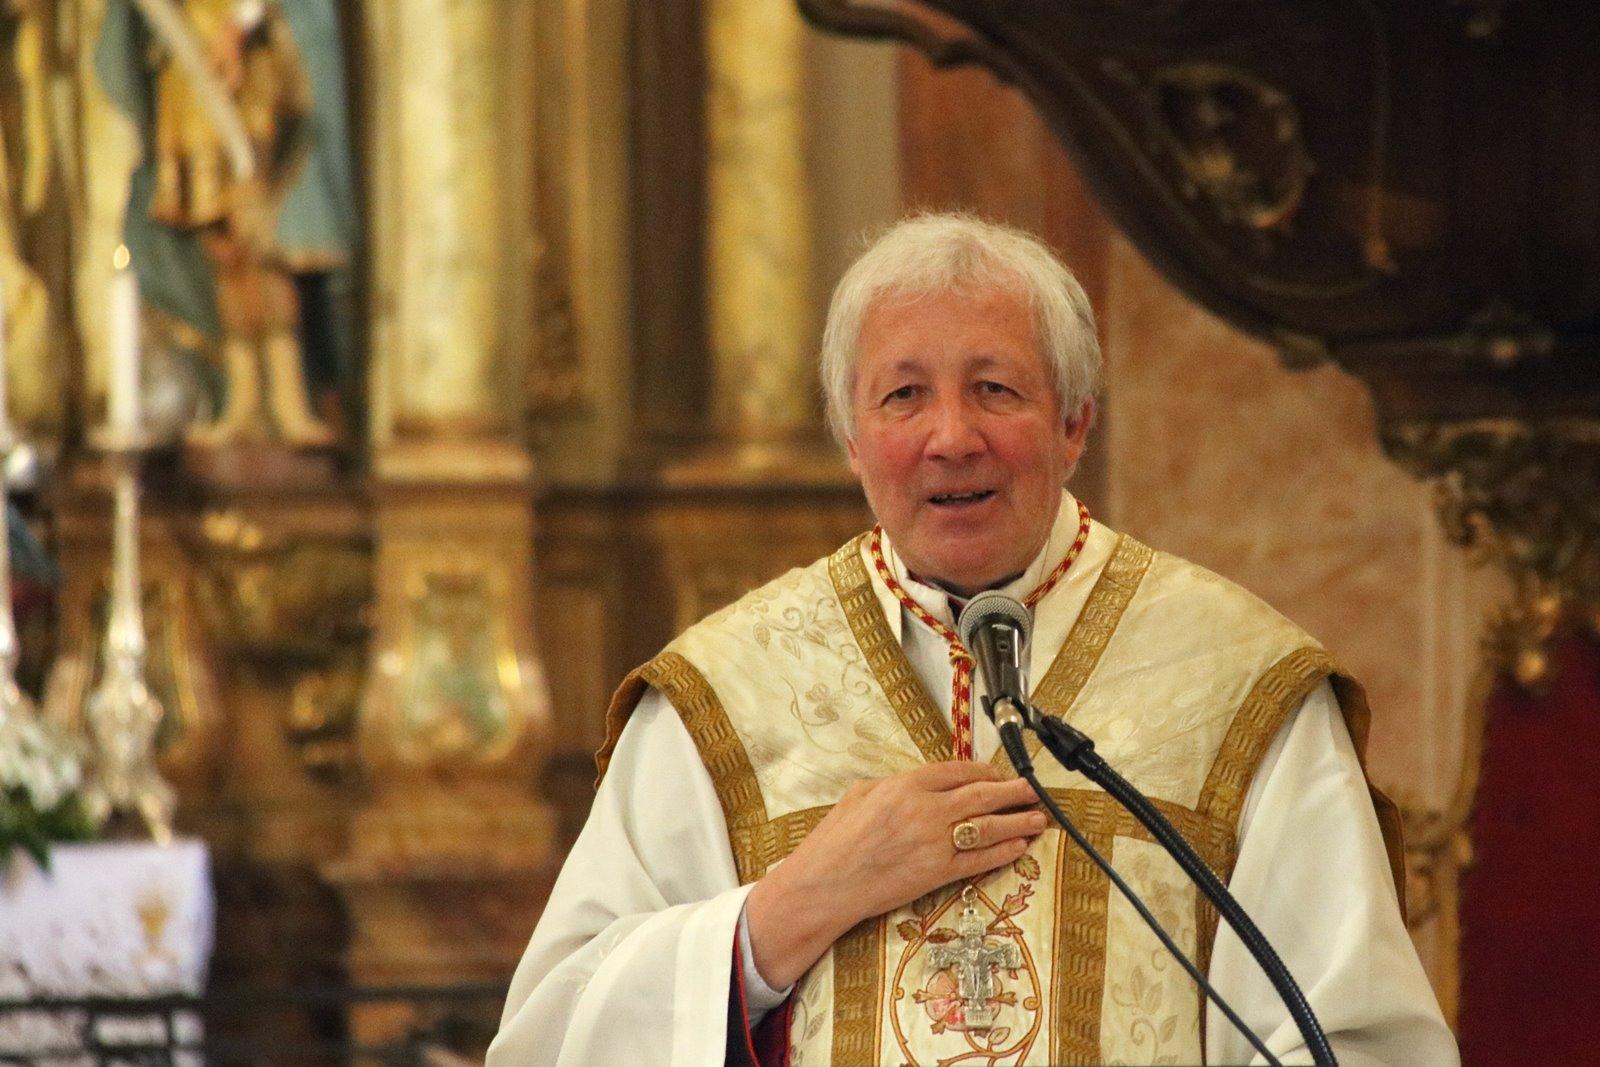 Elhunyt dr. Stella Leontin c. prépost, a Máriabesnyői Nagyboldogasszony Bazilika plébánosa.